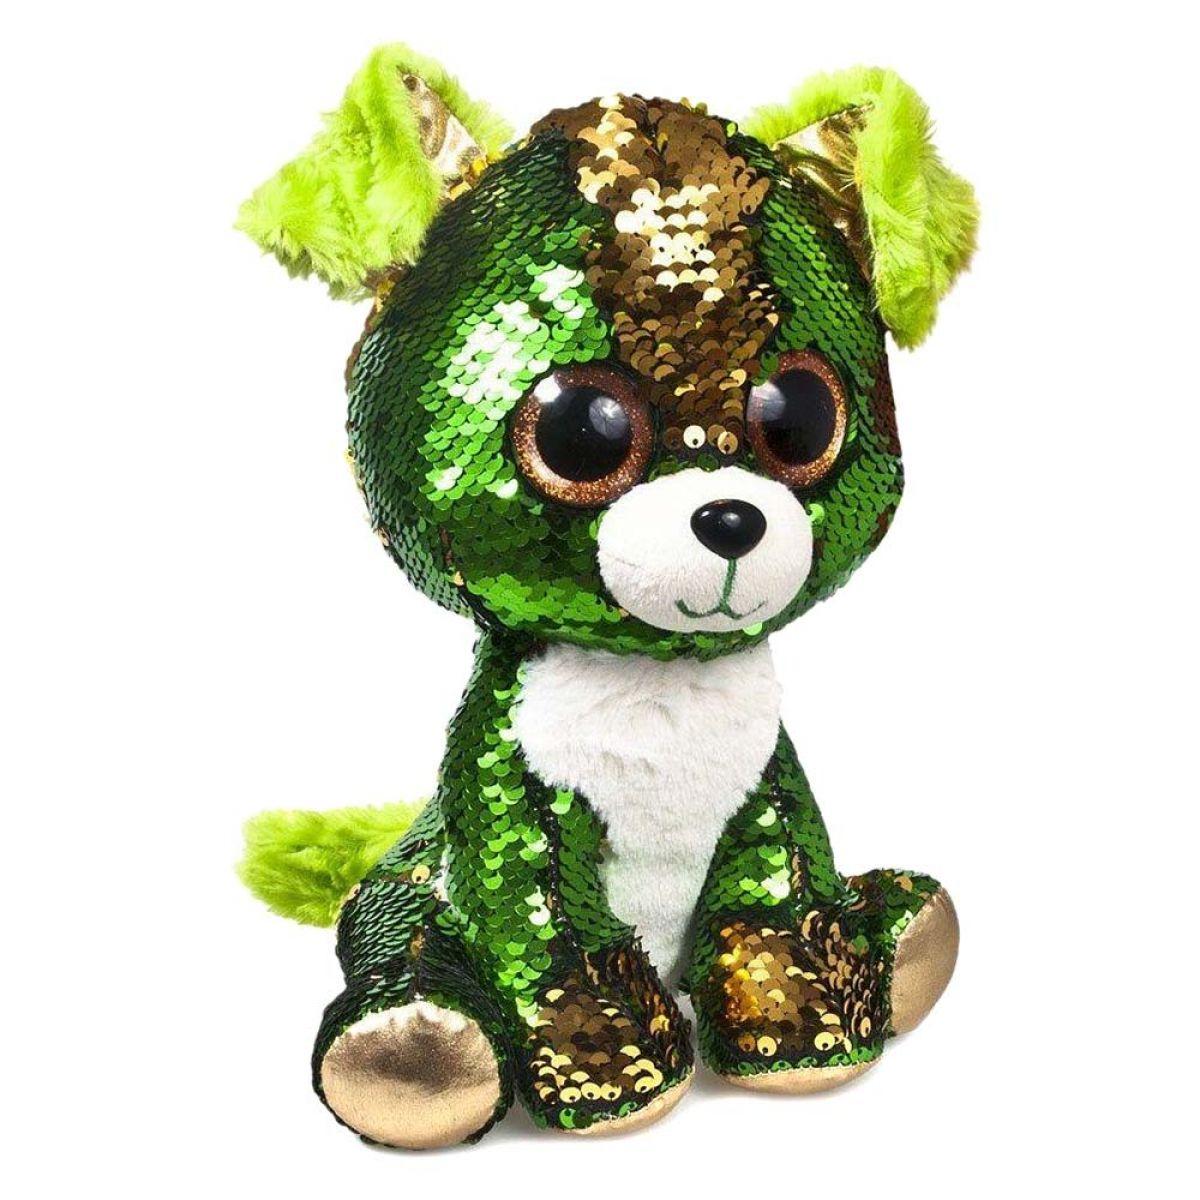 Фото - Мягкая игрушка Fancy Щенок Изумруд 23 см shokid интерактивная мягкая игрушка shokid щенок noisette 15 см